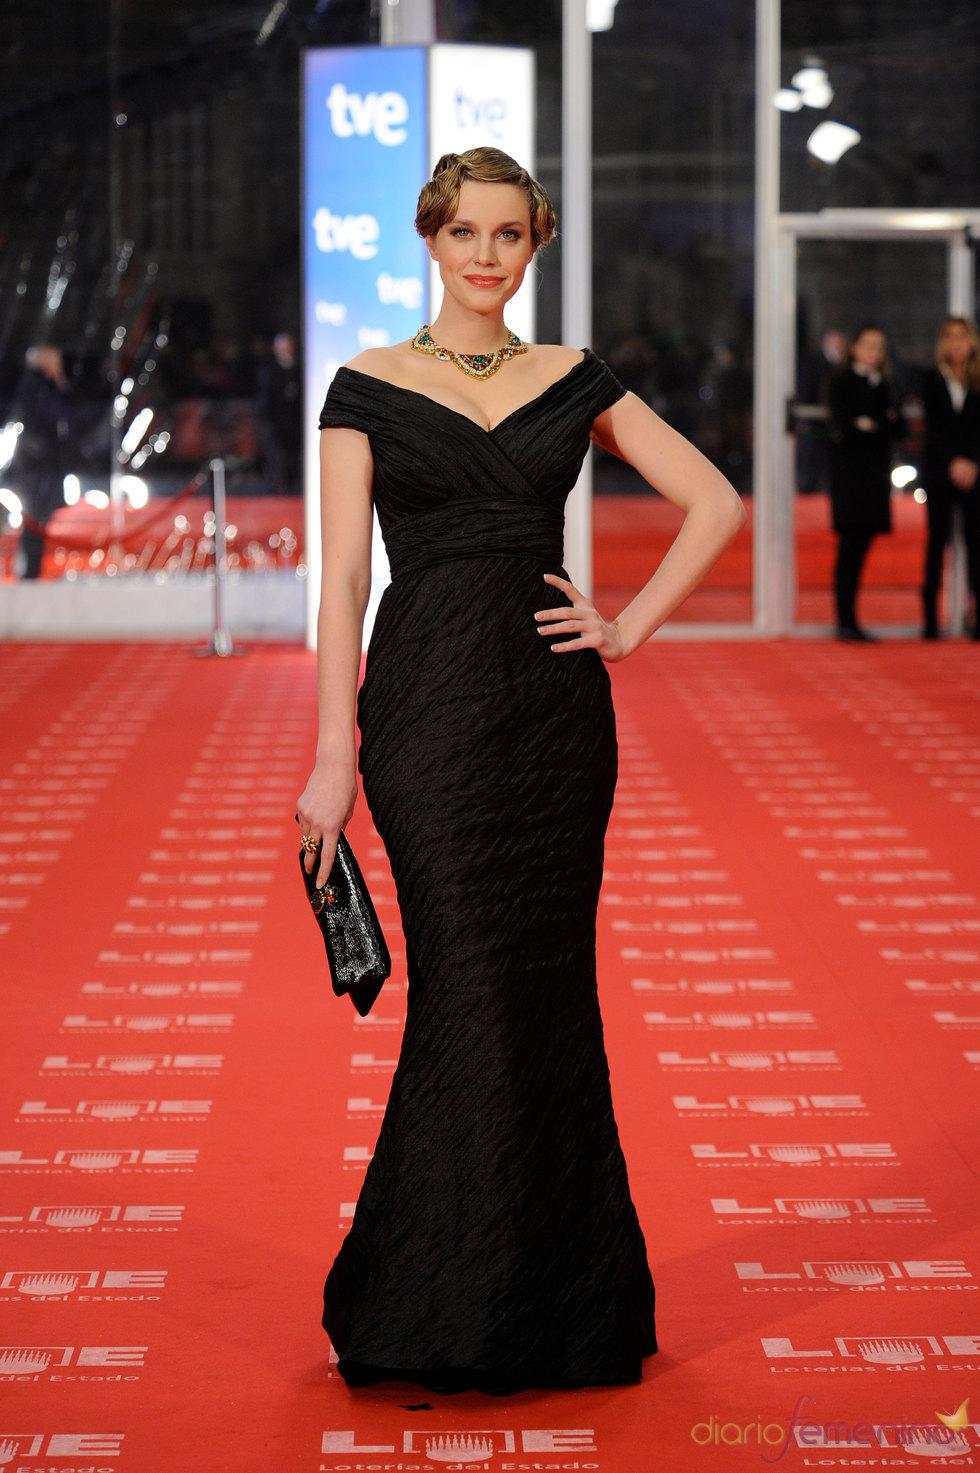 Carolina Bang espectacular en la alfombra roja de los Goya 2011